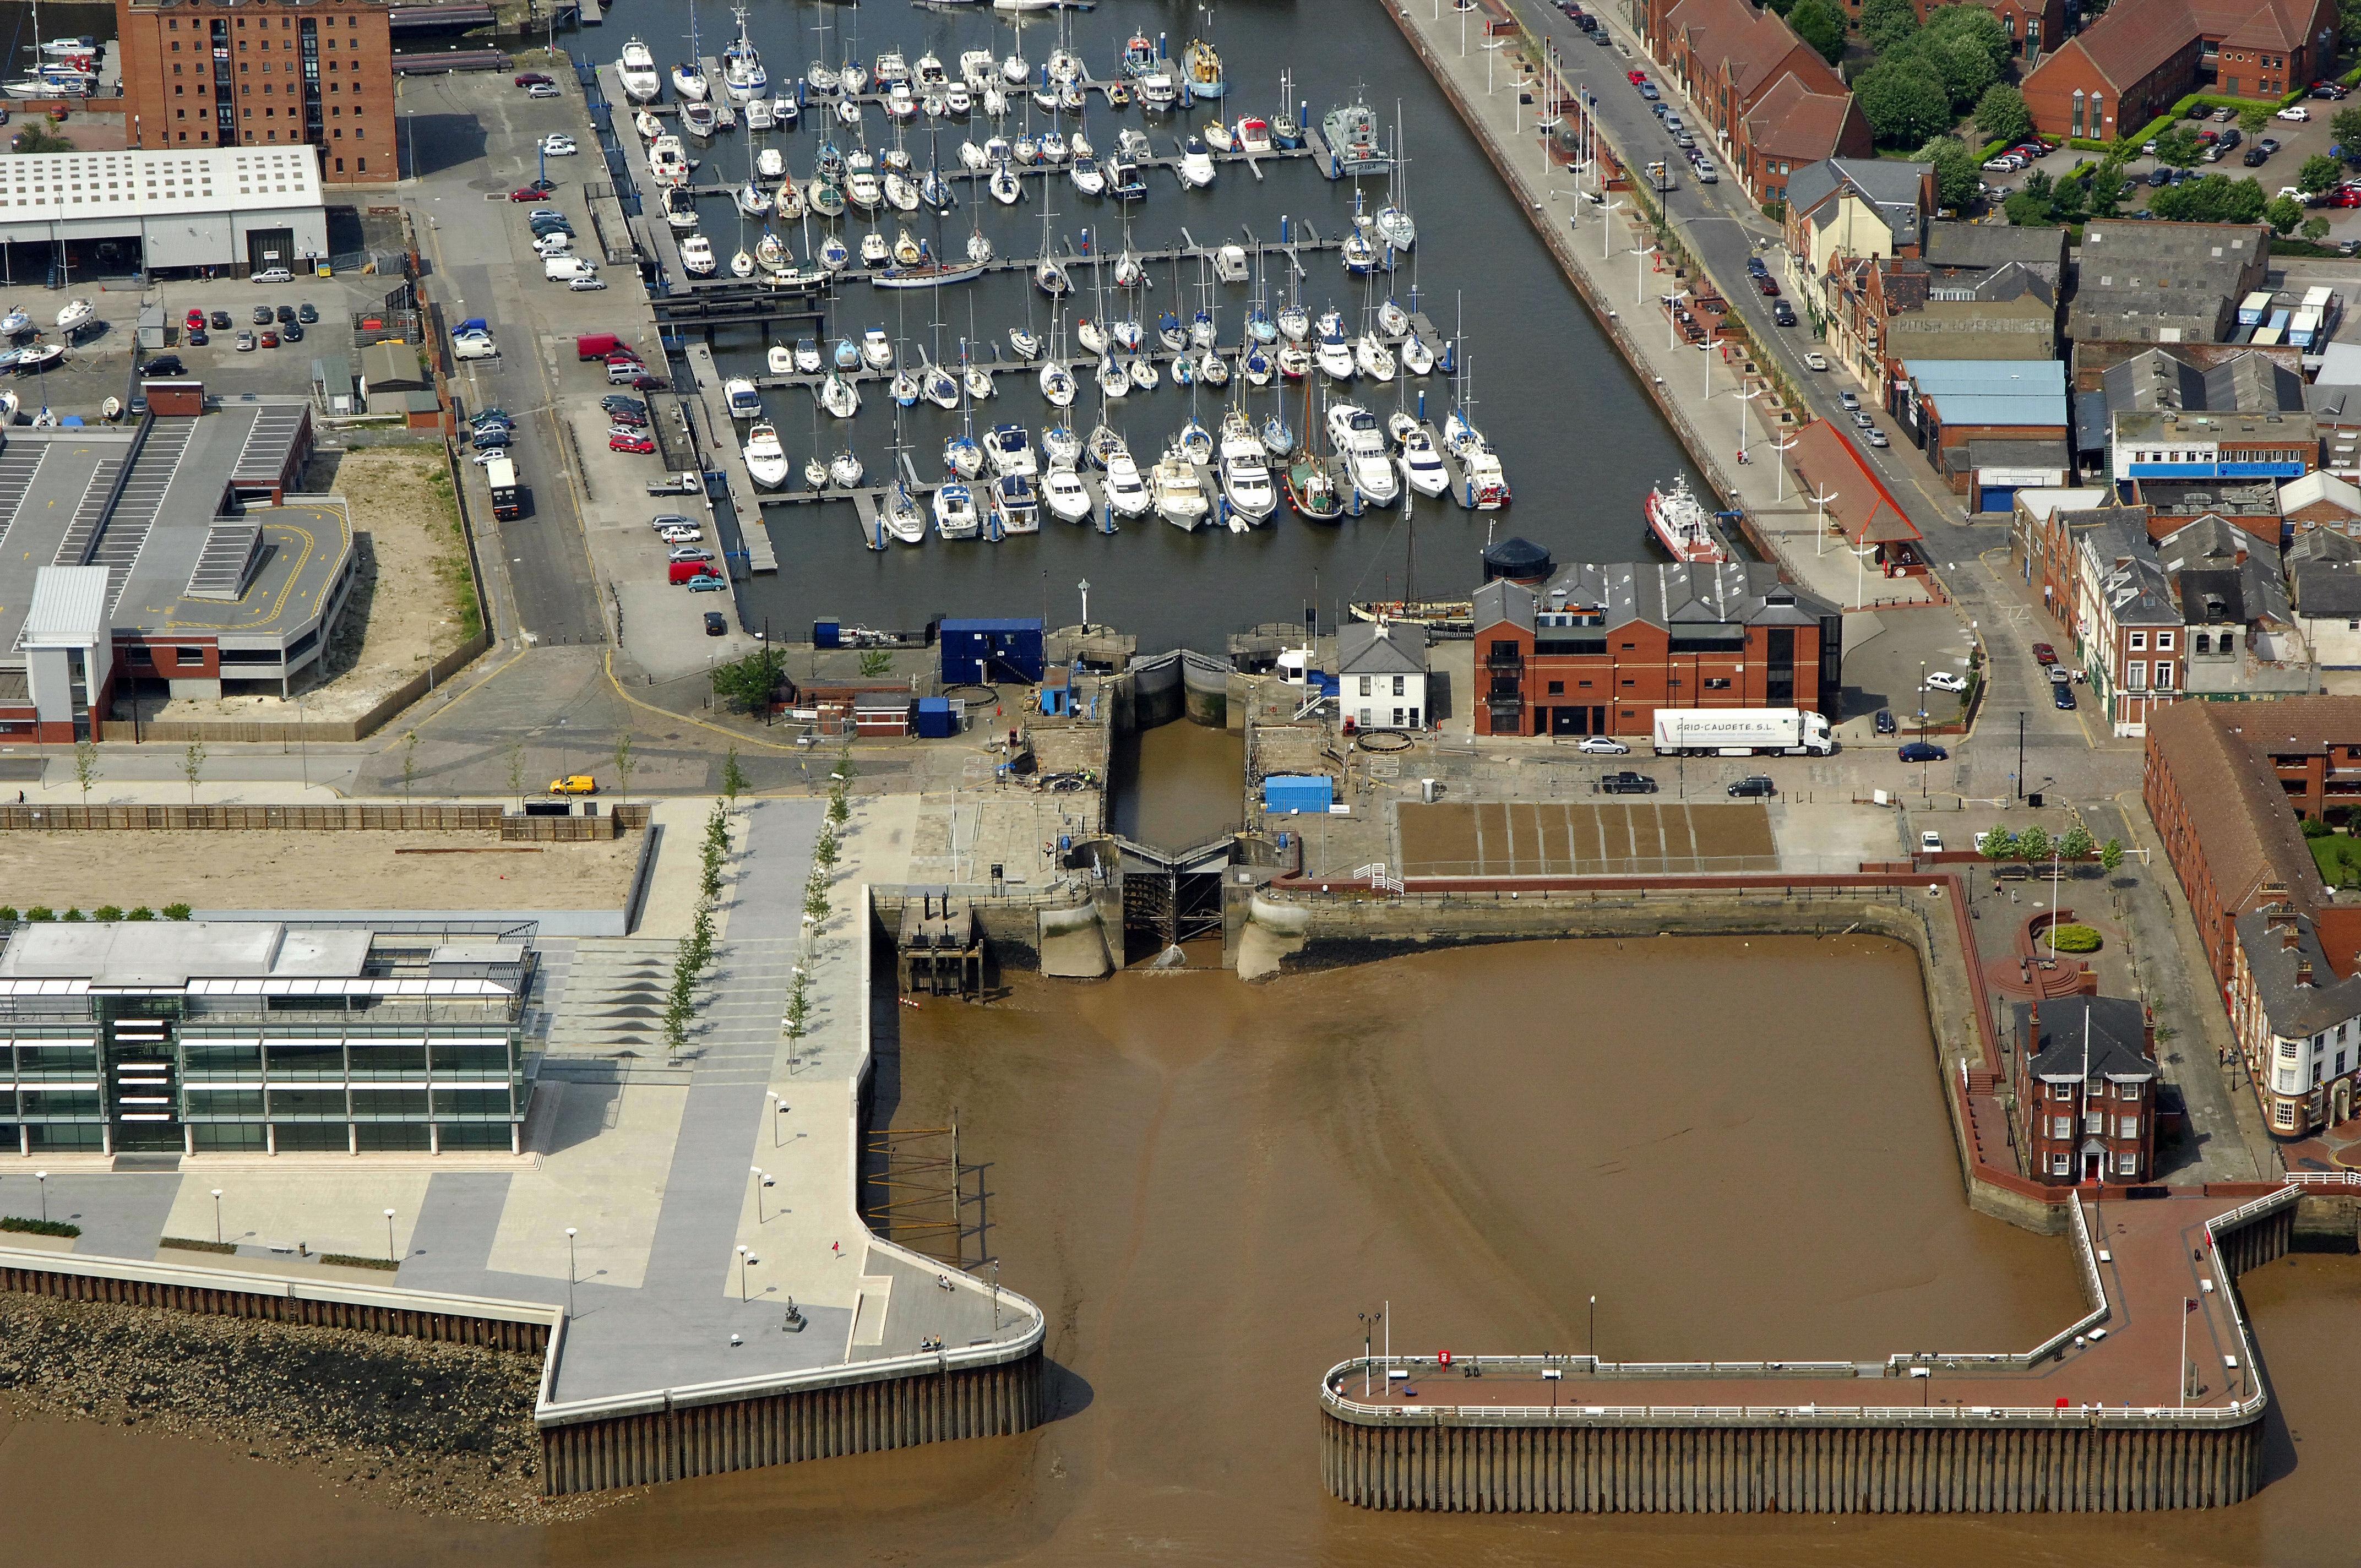 Hull humberside united kingdom